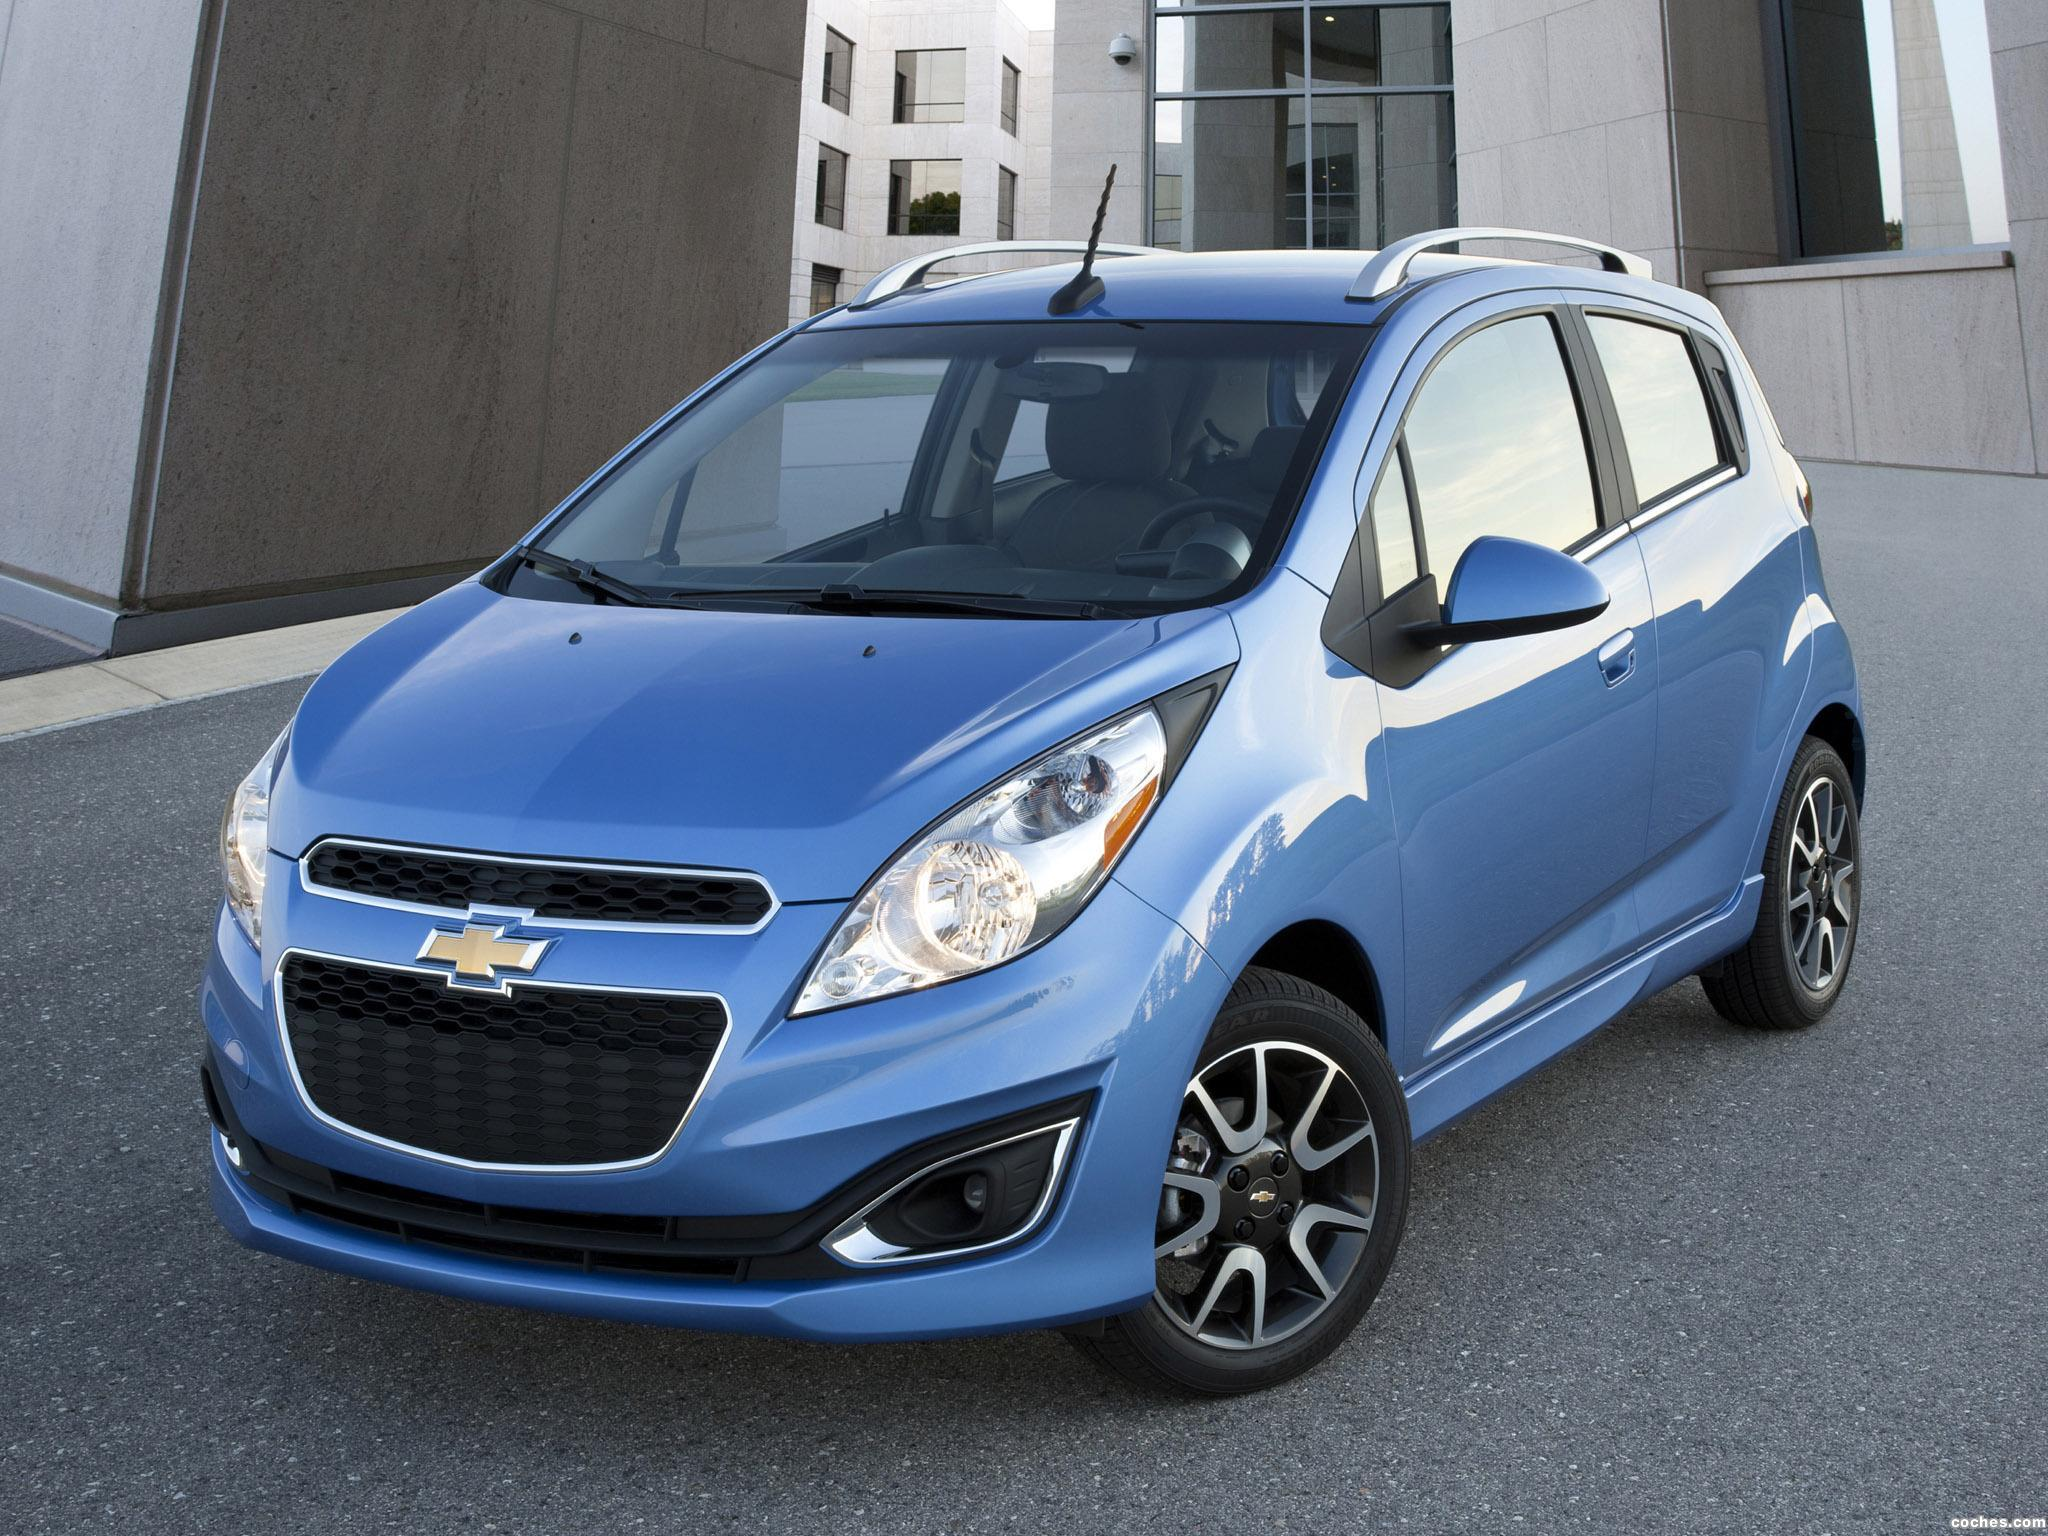 Foto 0 de Chevrolet Spark USA 2012